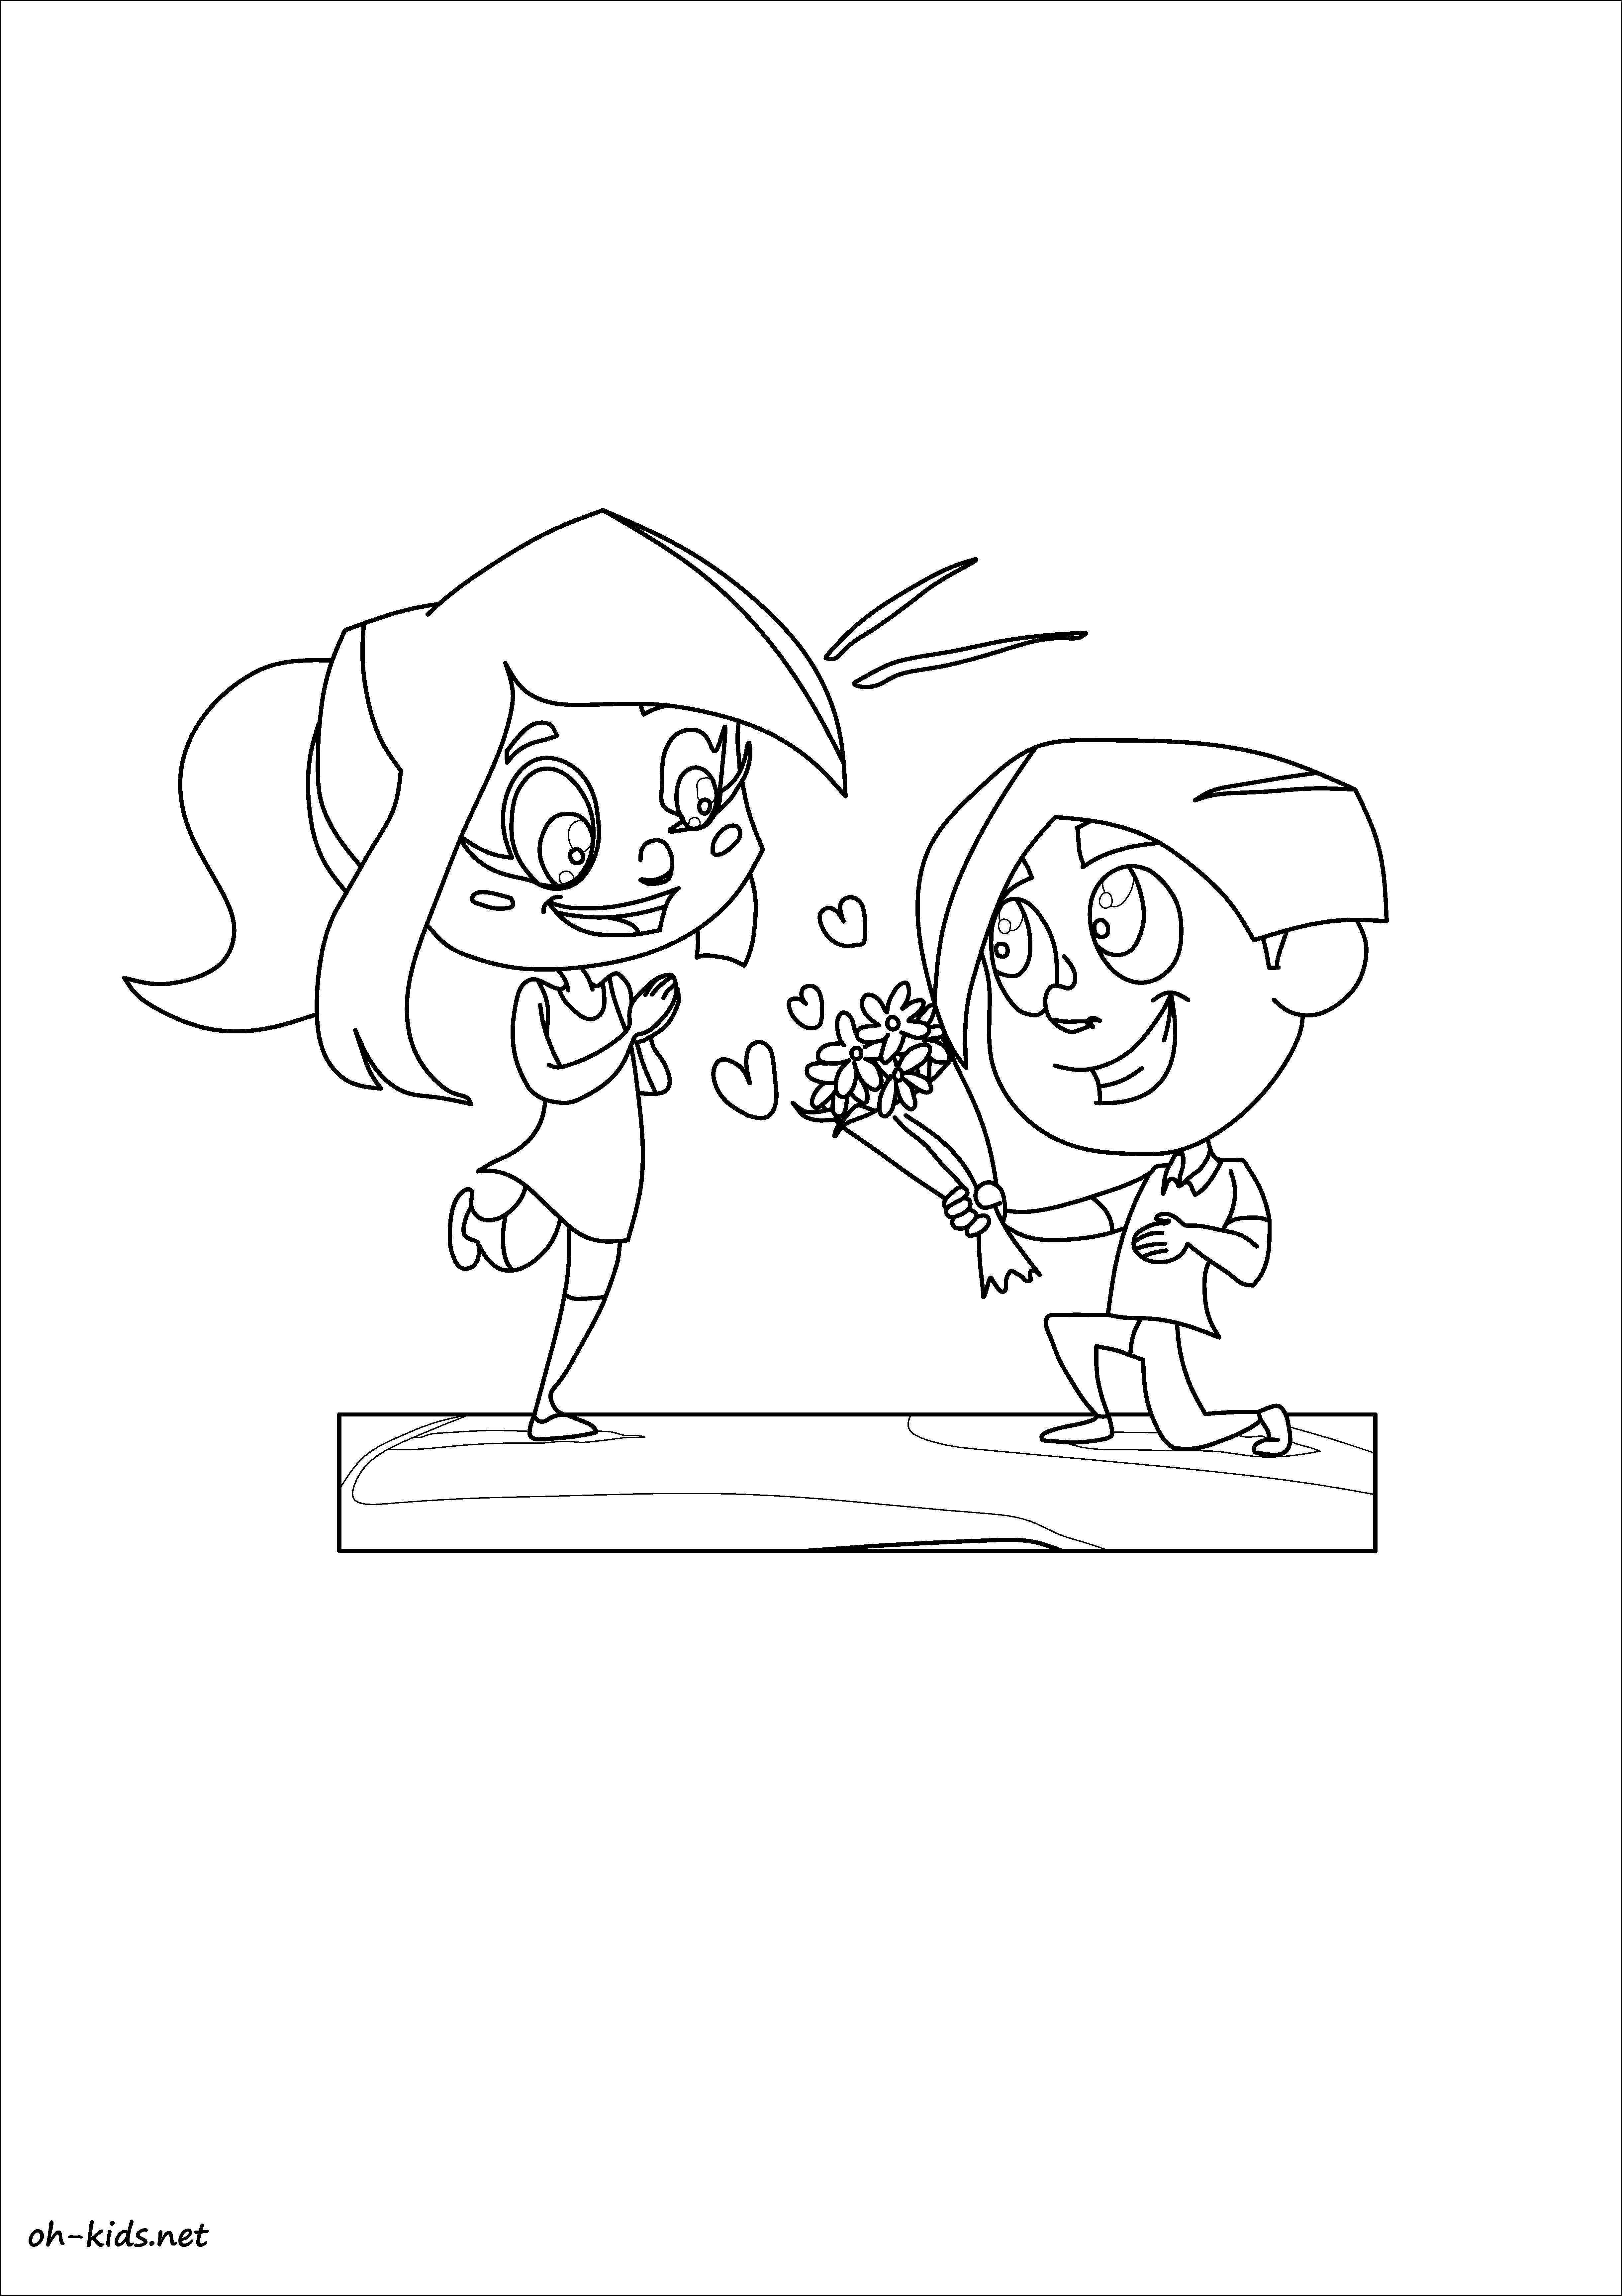 coloriage gratuit de Saint-Valentin à imprimer - Dessin #284